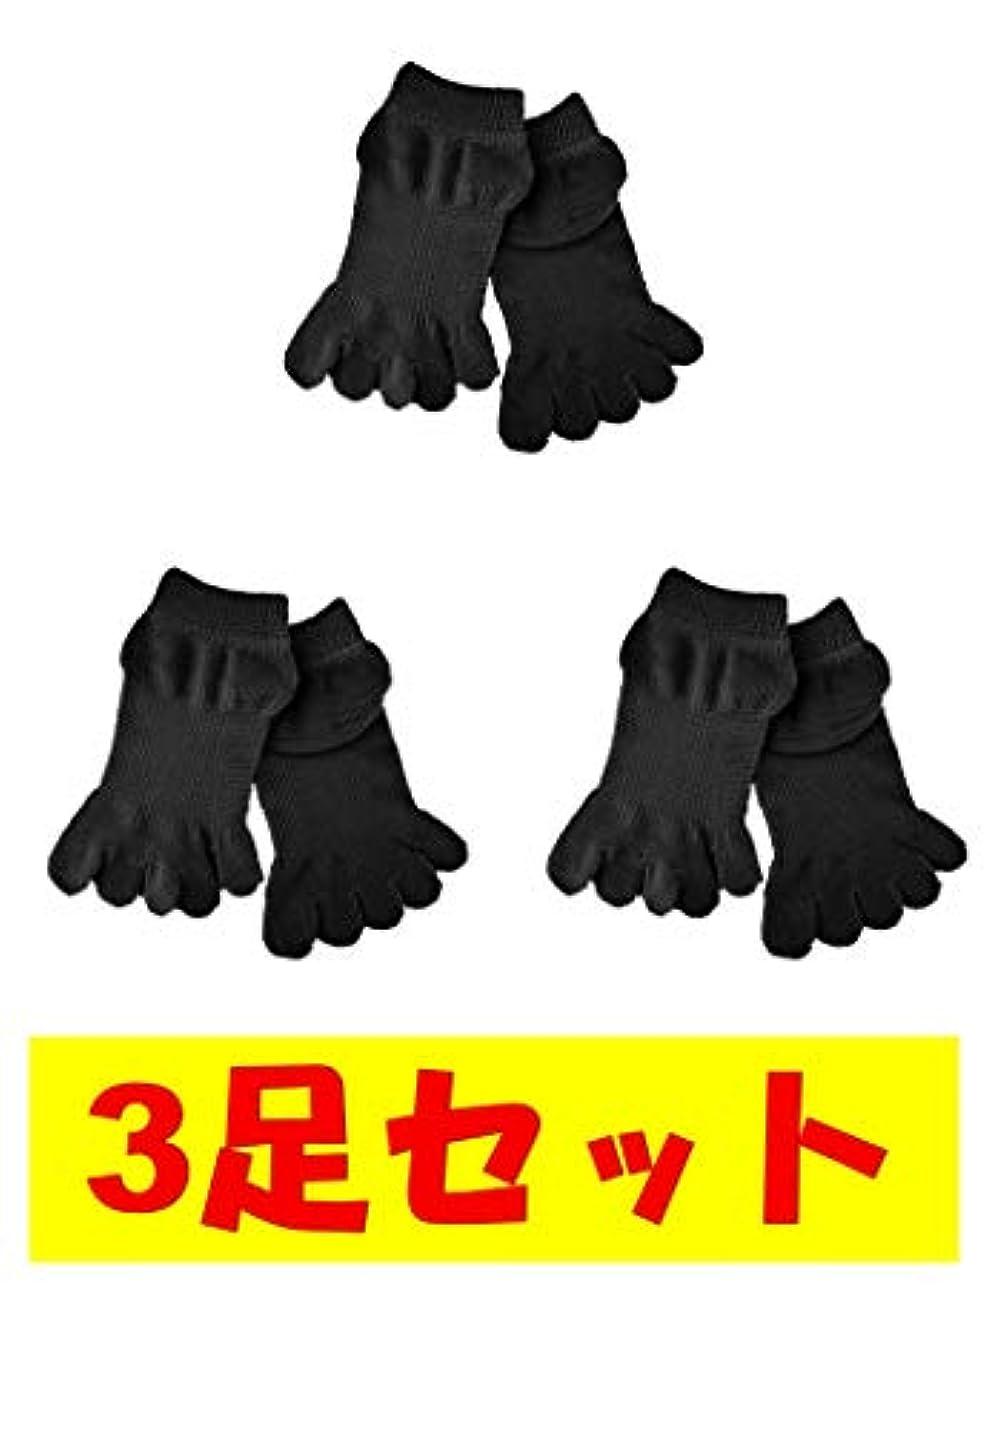 お買い得3足セット 5本指 ゆびのばソックス ゆびのば アンクル ブラック iサイズ 23.5-25.5cm YSANKL-BLK